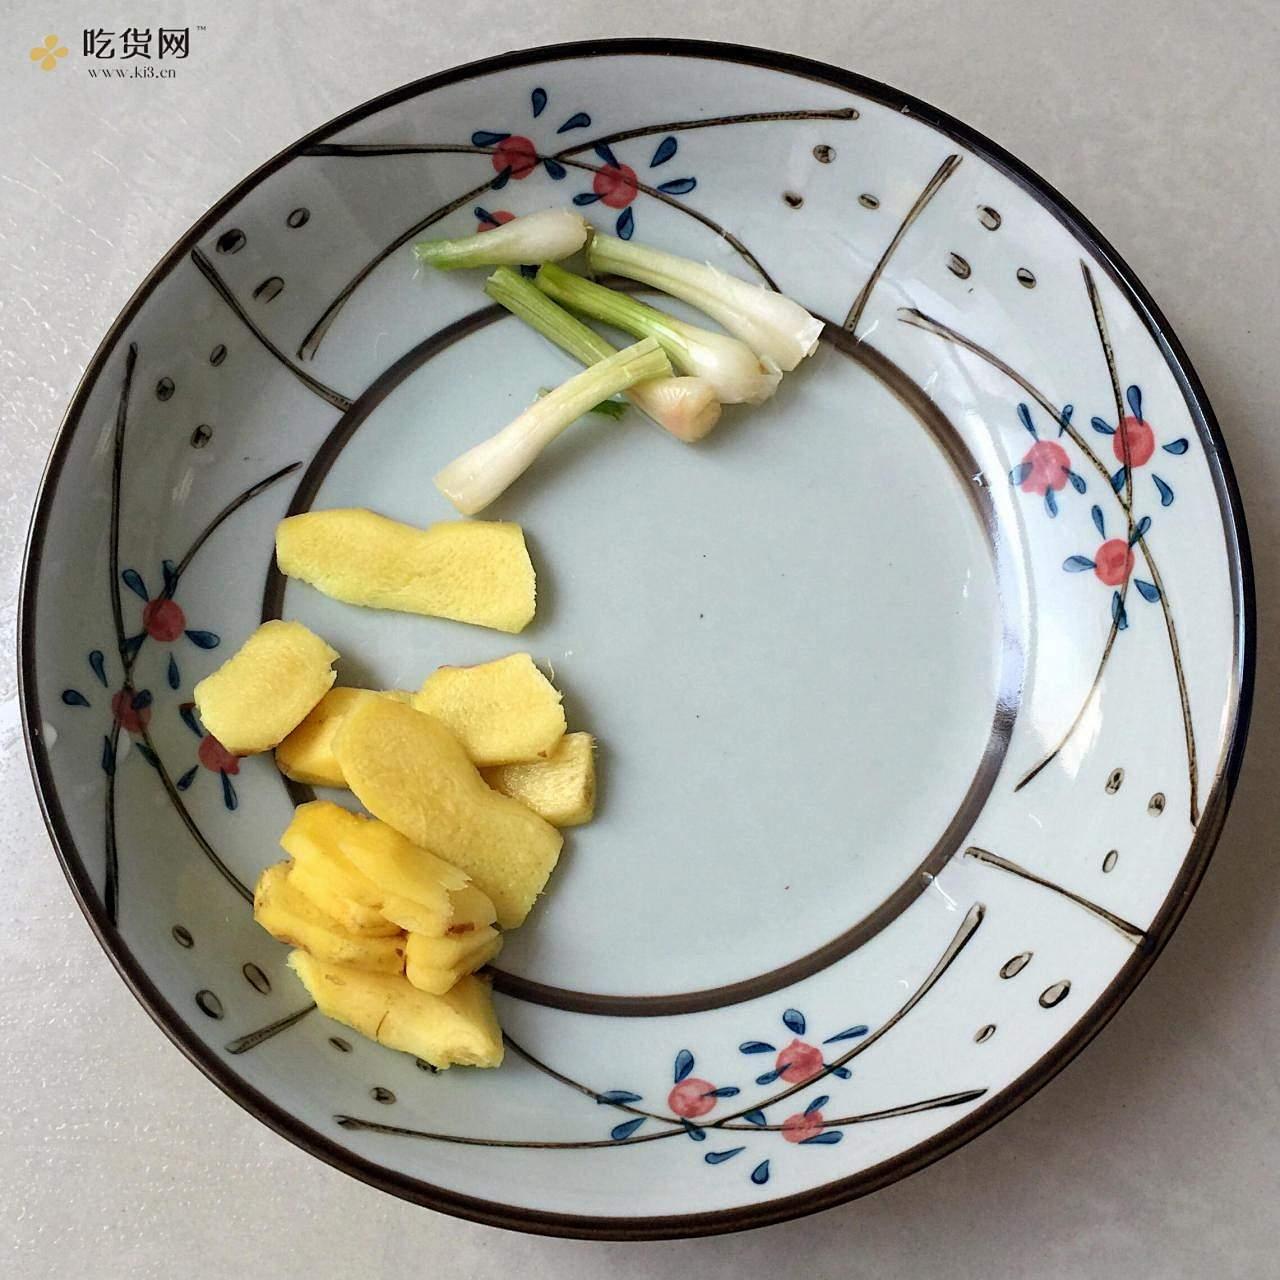 陈皮糖醋排骨的做法 步骤2